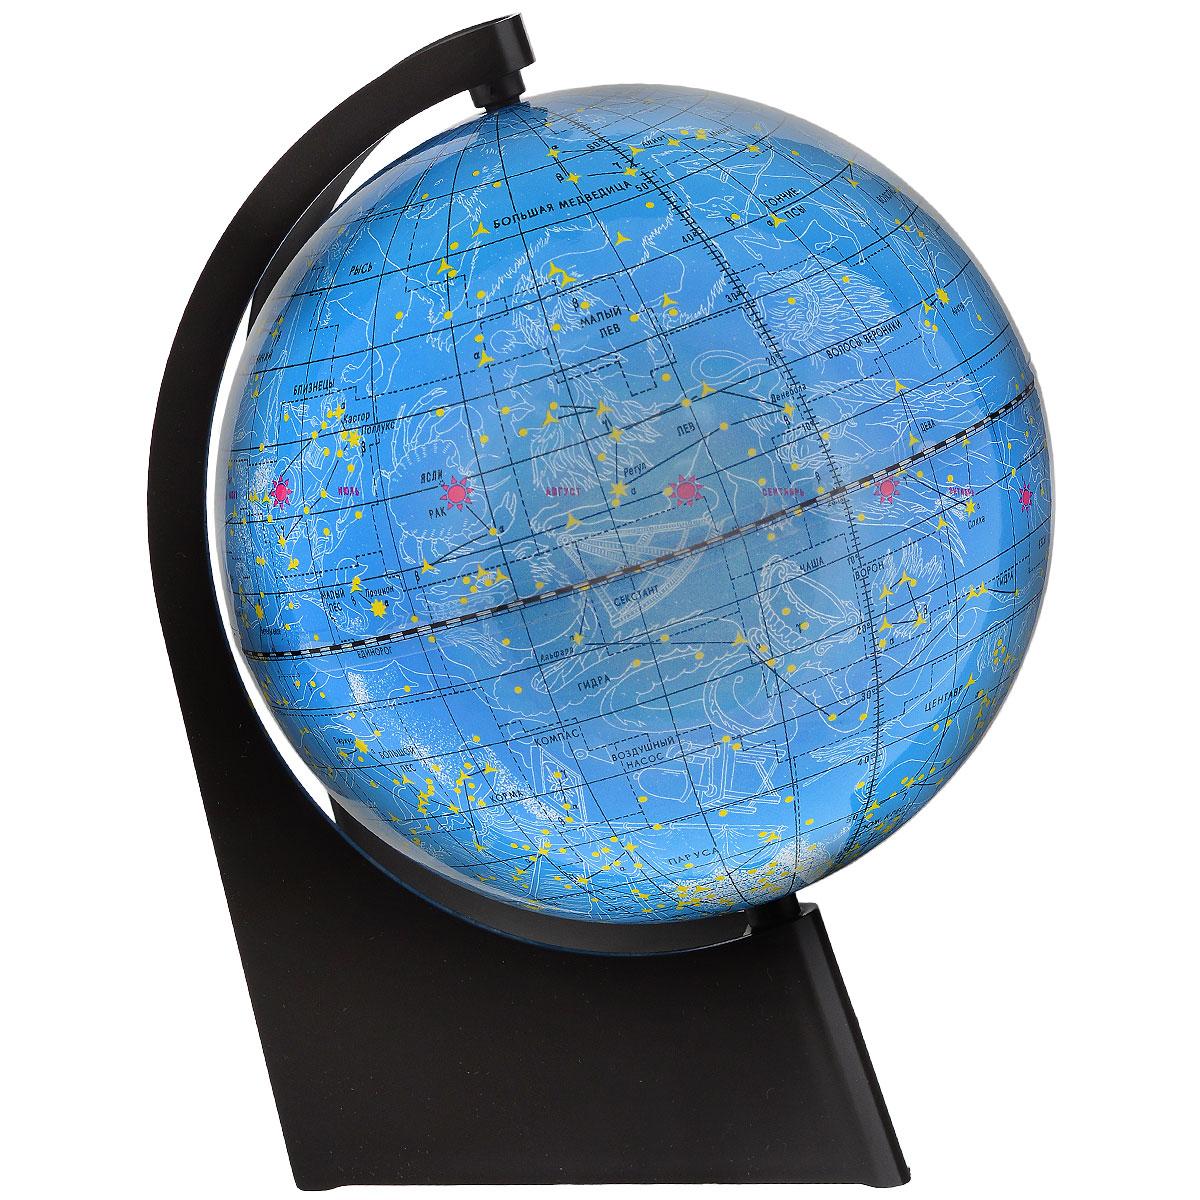 Глобусный мир Глобус звездного неба, диаметр 21 смFS-00897Глобус звездного неба Глобусный мир, изготовленный из высококачественного прочного пластика.Данная модель предназначена для ознакомления с космосом, звездами и созвездиями. На нем нанесены те же круги, что и на картах звёздного неба, - небесные параллели, меридианы, экватор и эклиптика. Такой глобус станет прекрасным подарком и учебным материалом для дальнейшего изучения астрономии. Помимо этого глобус обладает приятной цветовой гаммой. Изделие расположено на треугольной подставке.Настольный глобус звездного неба Глобусный мир станет оригинальным украшением рабочего стола или вашего кабинета. Это изысканная вещь для стильного интерьера, которая станет прекрасным подарком для современного преуспевающего человека, следующего последним тенденциям моды и стремящегося к элегантности и комфорту в каждой детали.Масштаб: 1:60 000 000.